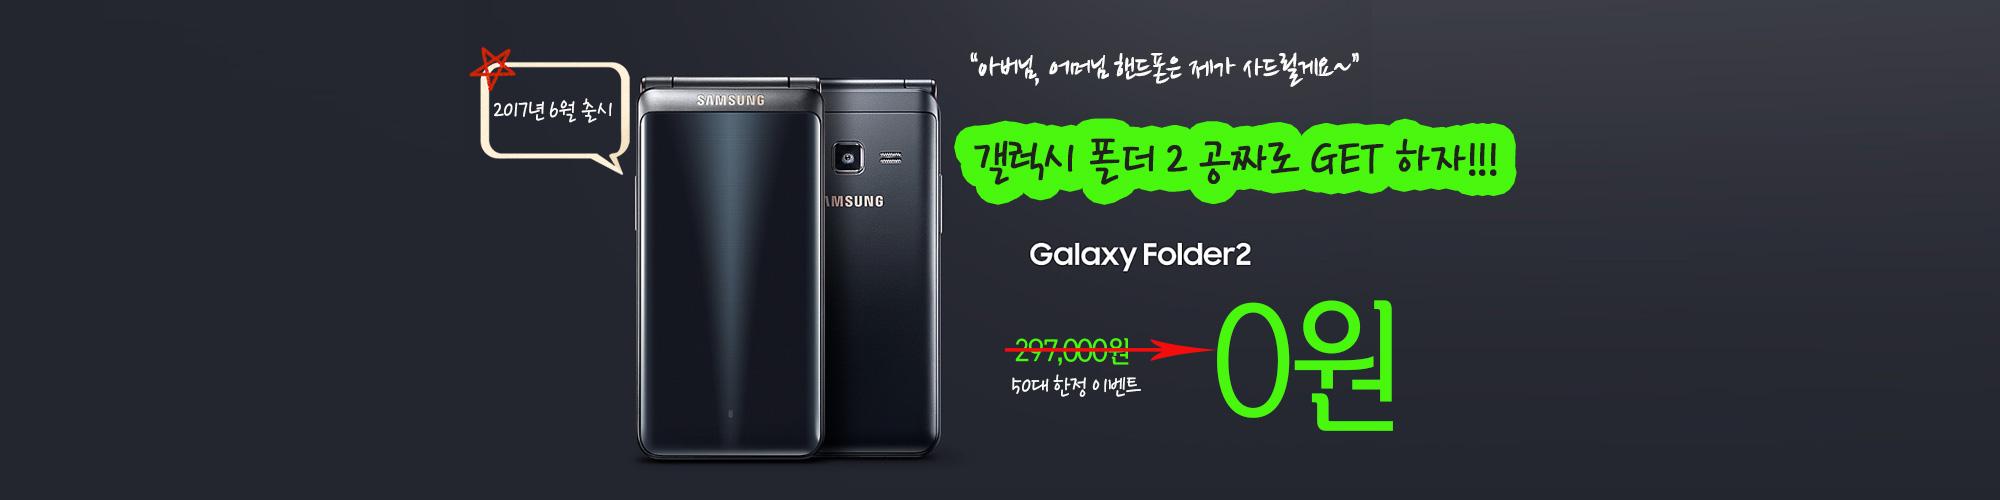 2017년 6월 출시 최신폰 갤럭시 폴더2 기기값 0원행사